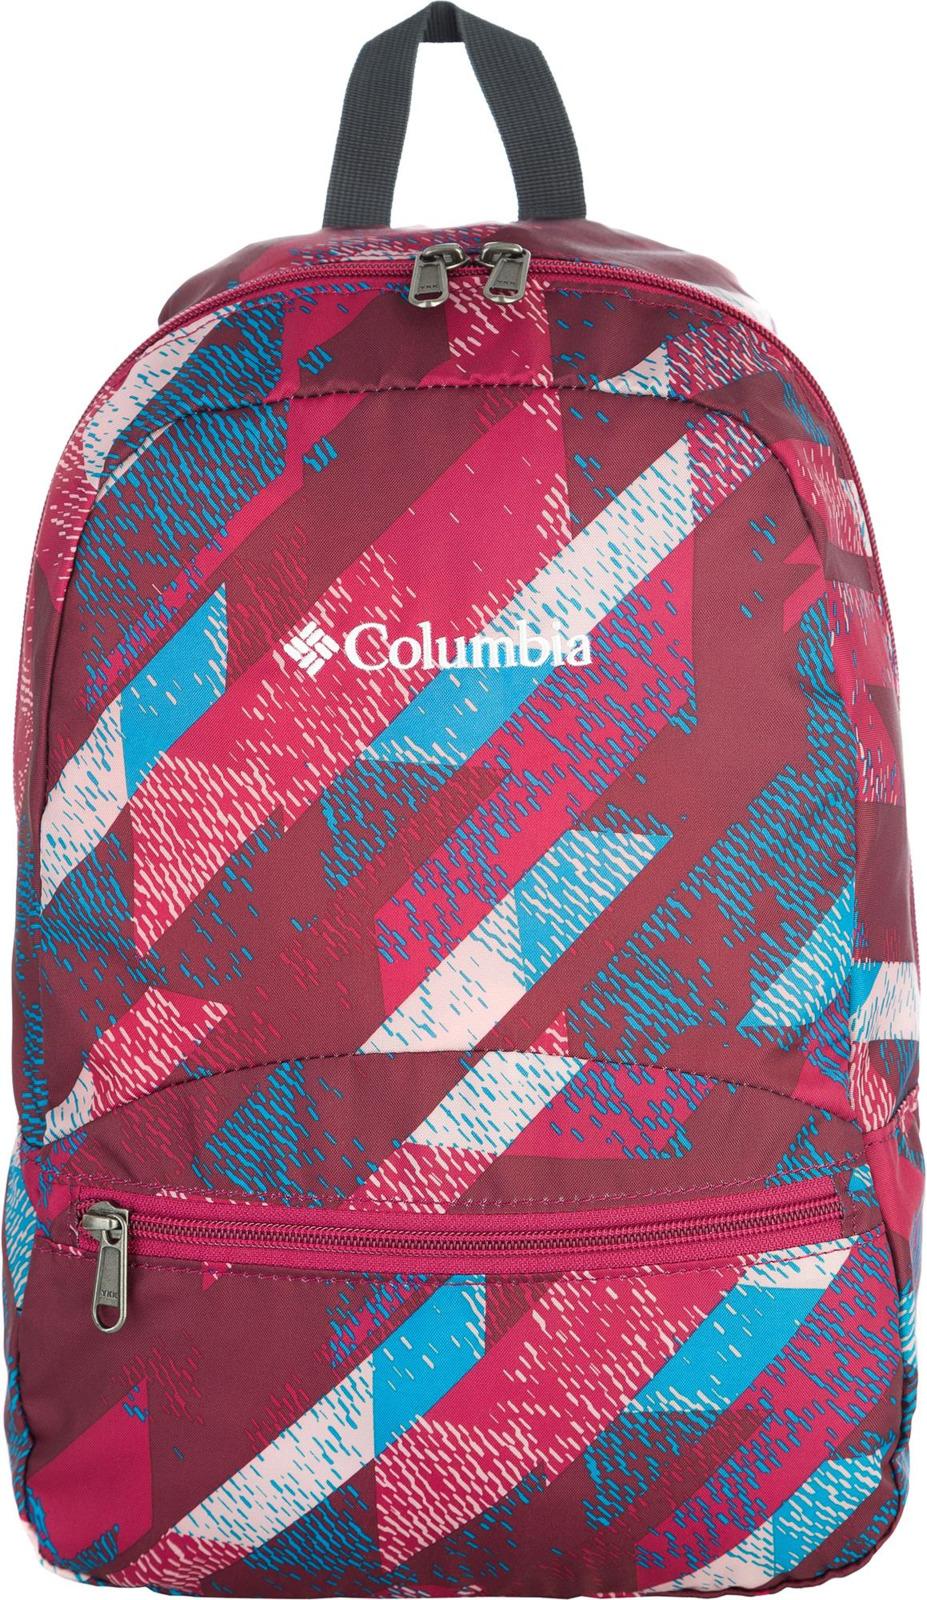 цена на Рюкзак Columbia Venya Tour Ii Daypack, 1827261-550, бордовый